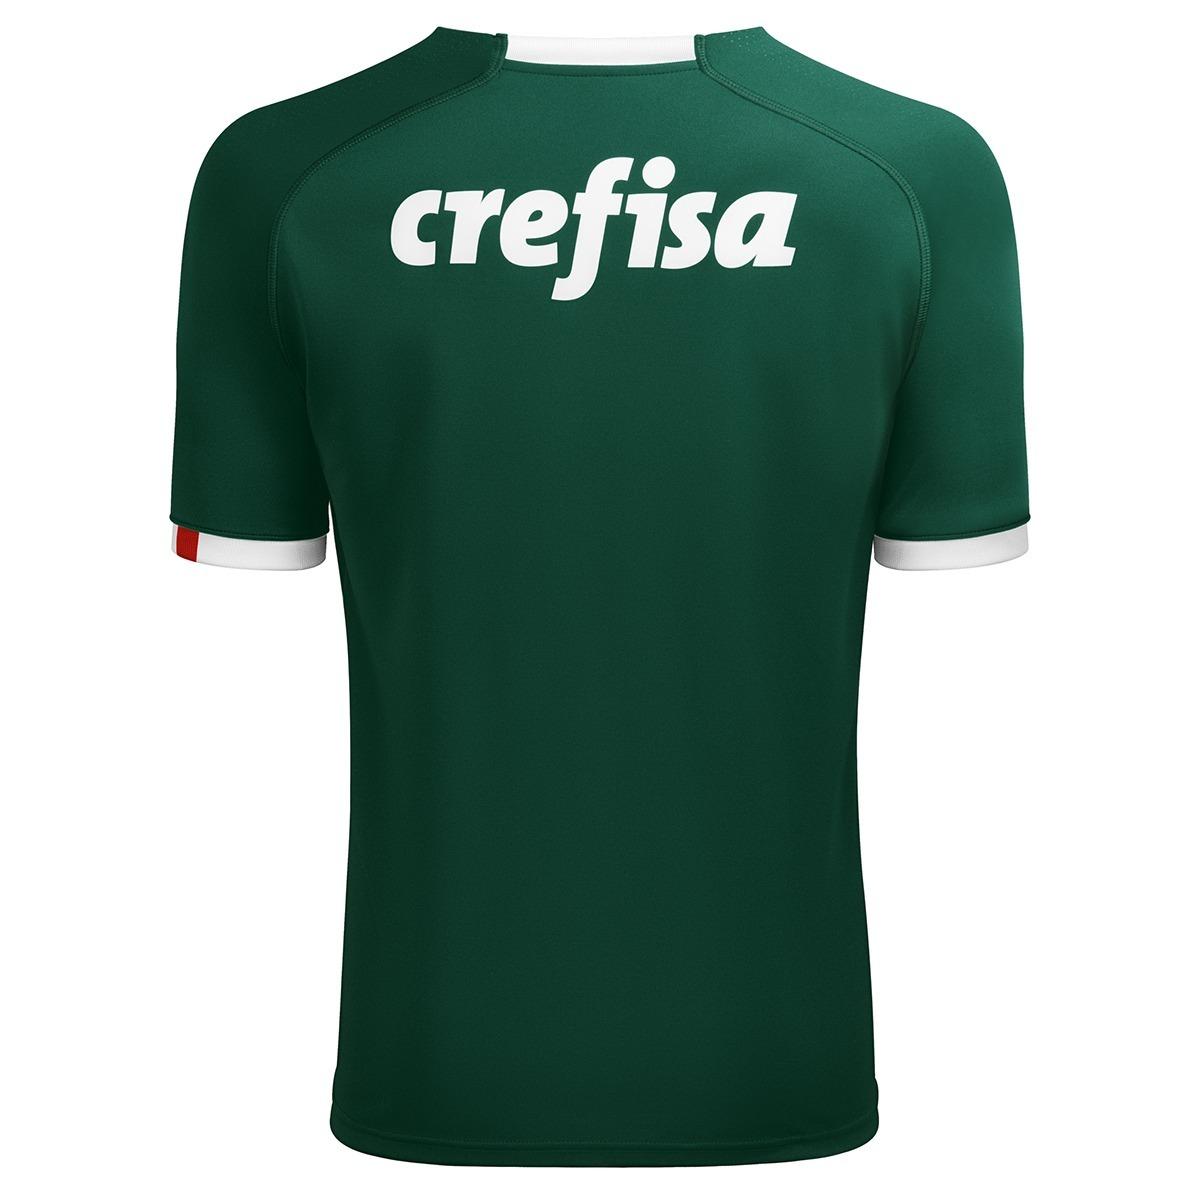 2564c22c84 Camisa Palmeiras Puma Oficial Torcedor Masculina S n - R  149